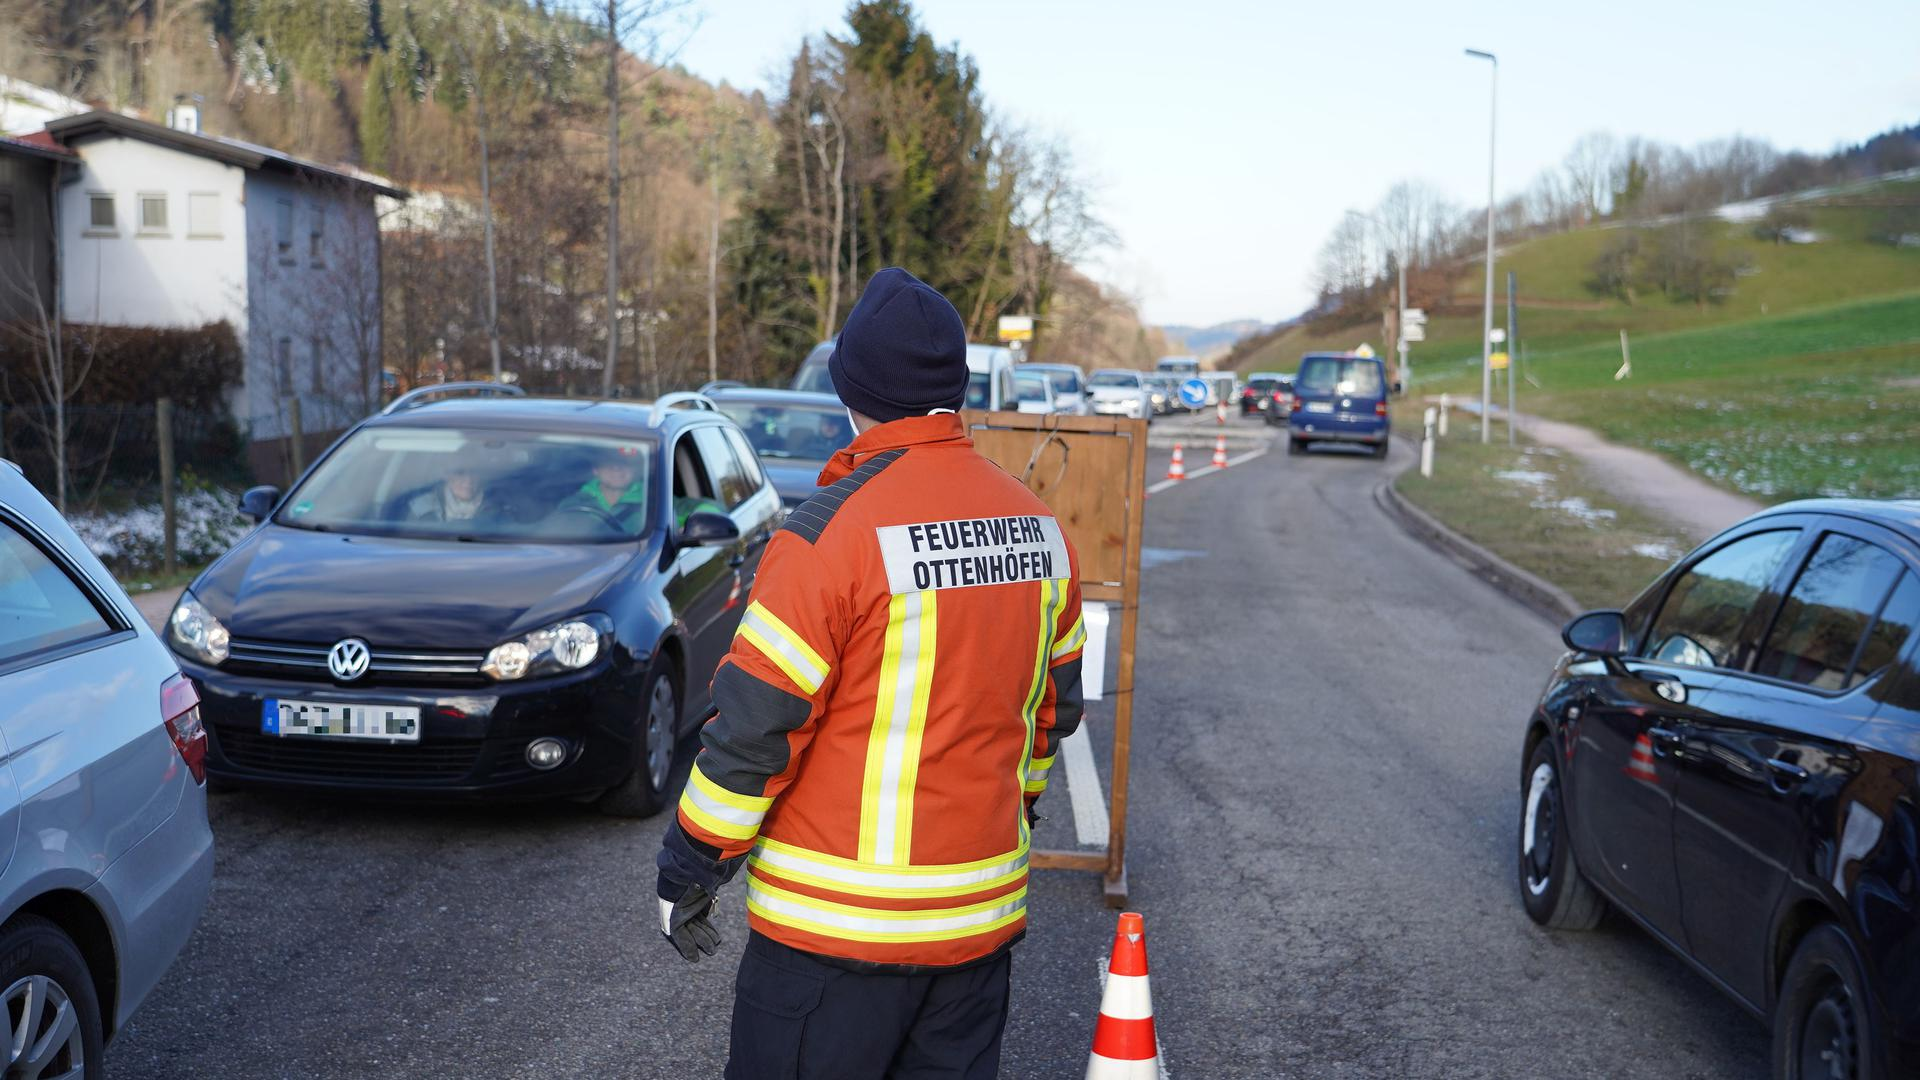 Sperrung der Zufahrtsstraße zur Schwarzwaldhochstrasse in Ottenhöfen.